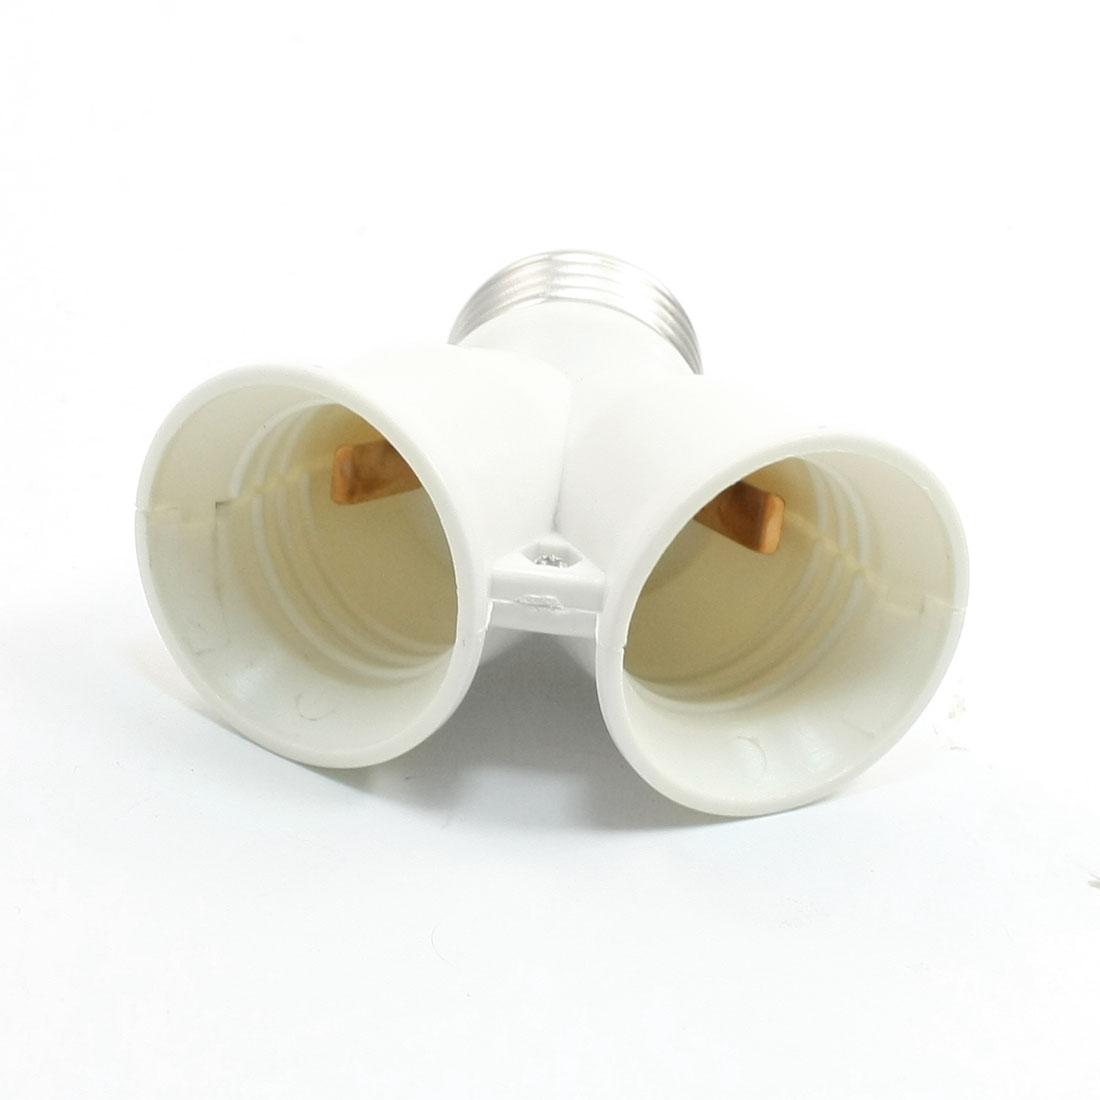 E26 Splitter to Dual E26 Lamp Light Bulbs Holder Socket Adaptor